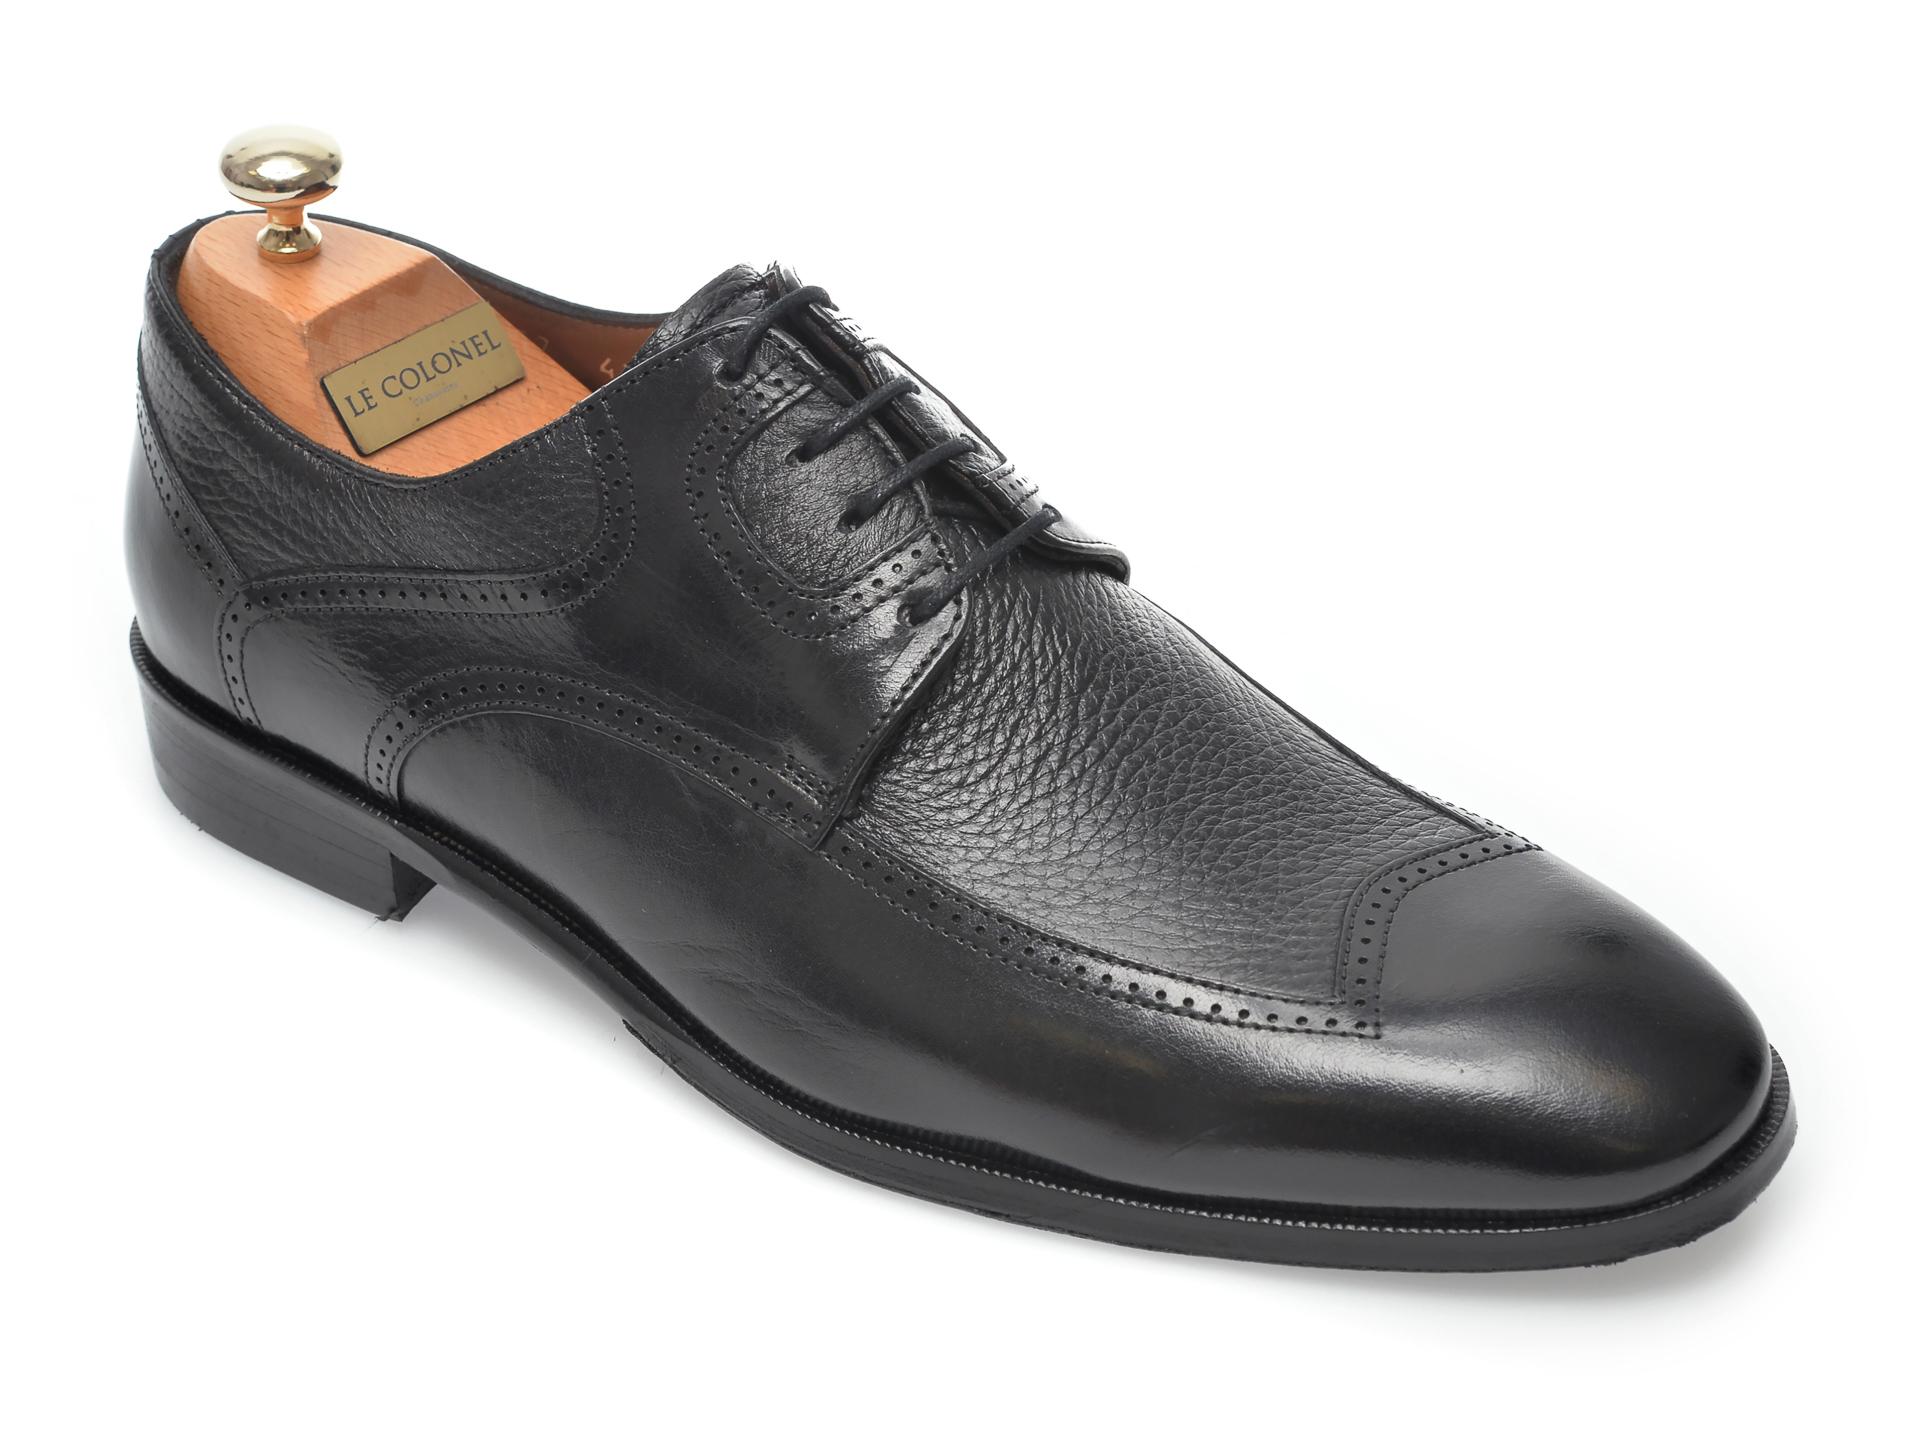 Pantofi LE COLONEL negri, 48757, din piele naturala imagine otter.ro 2021